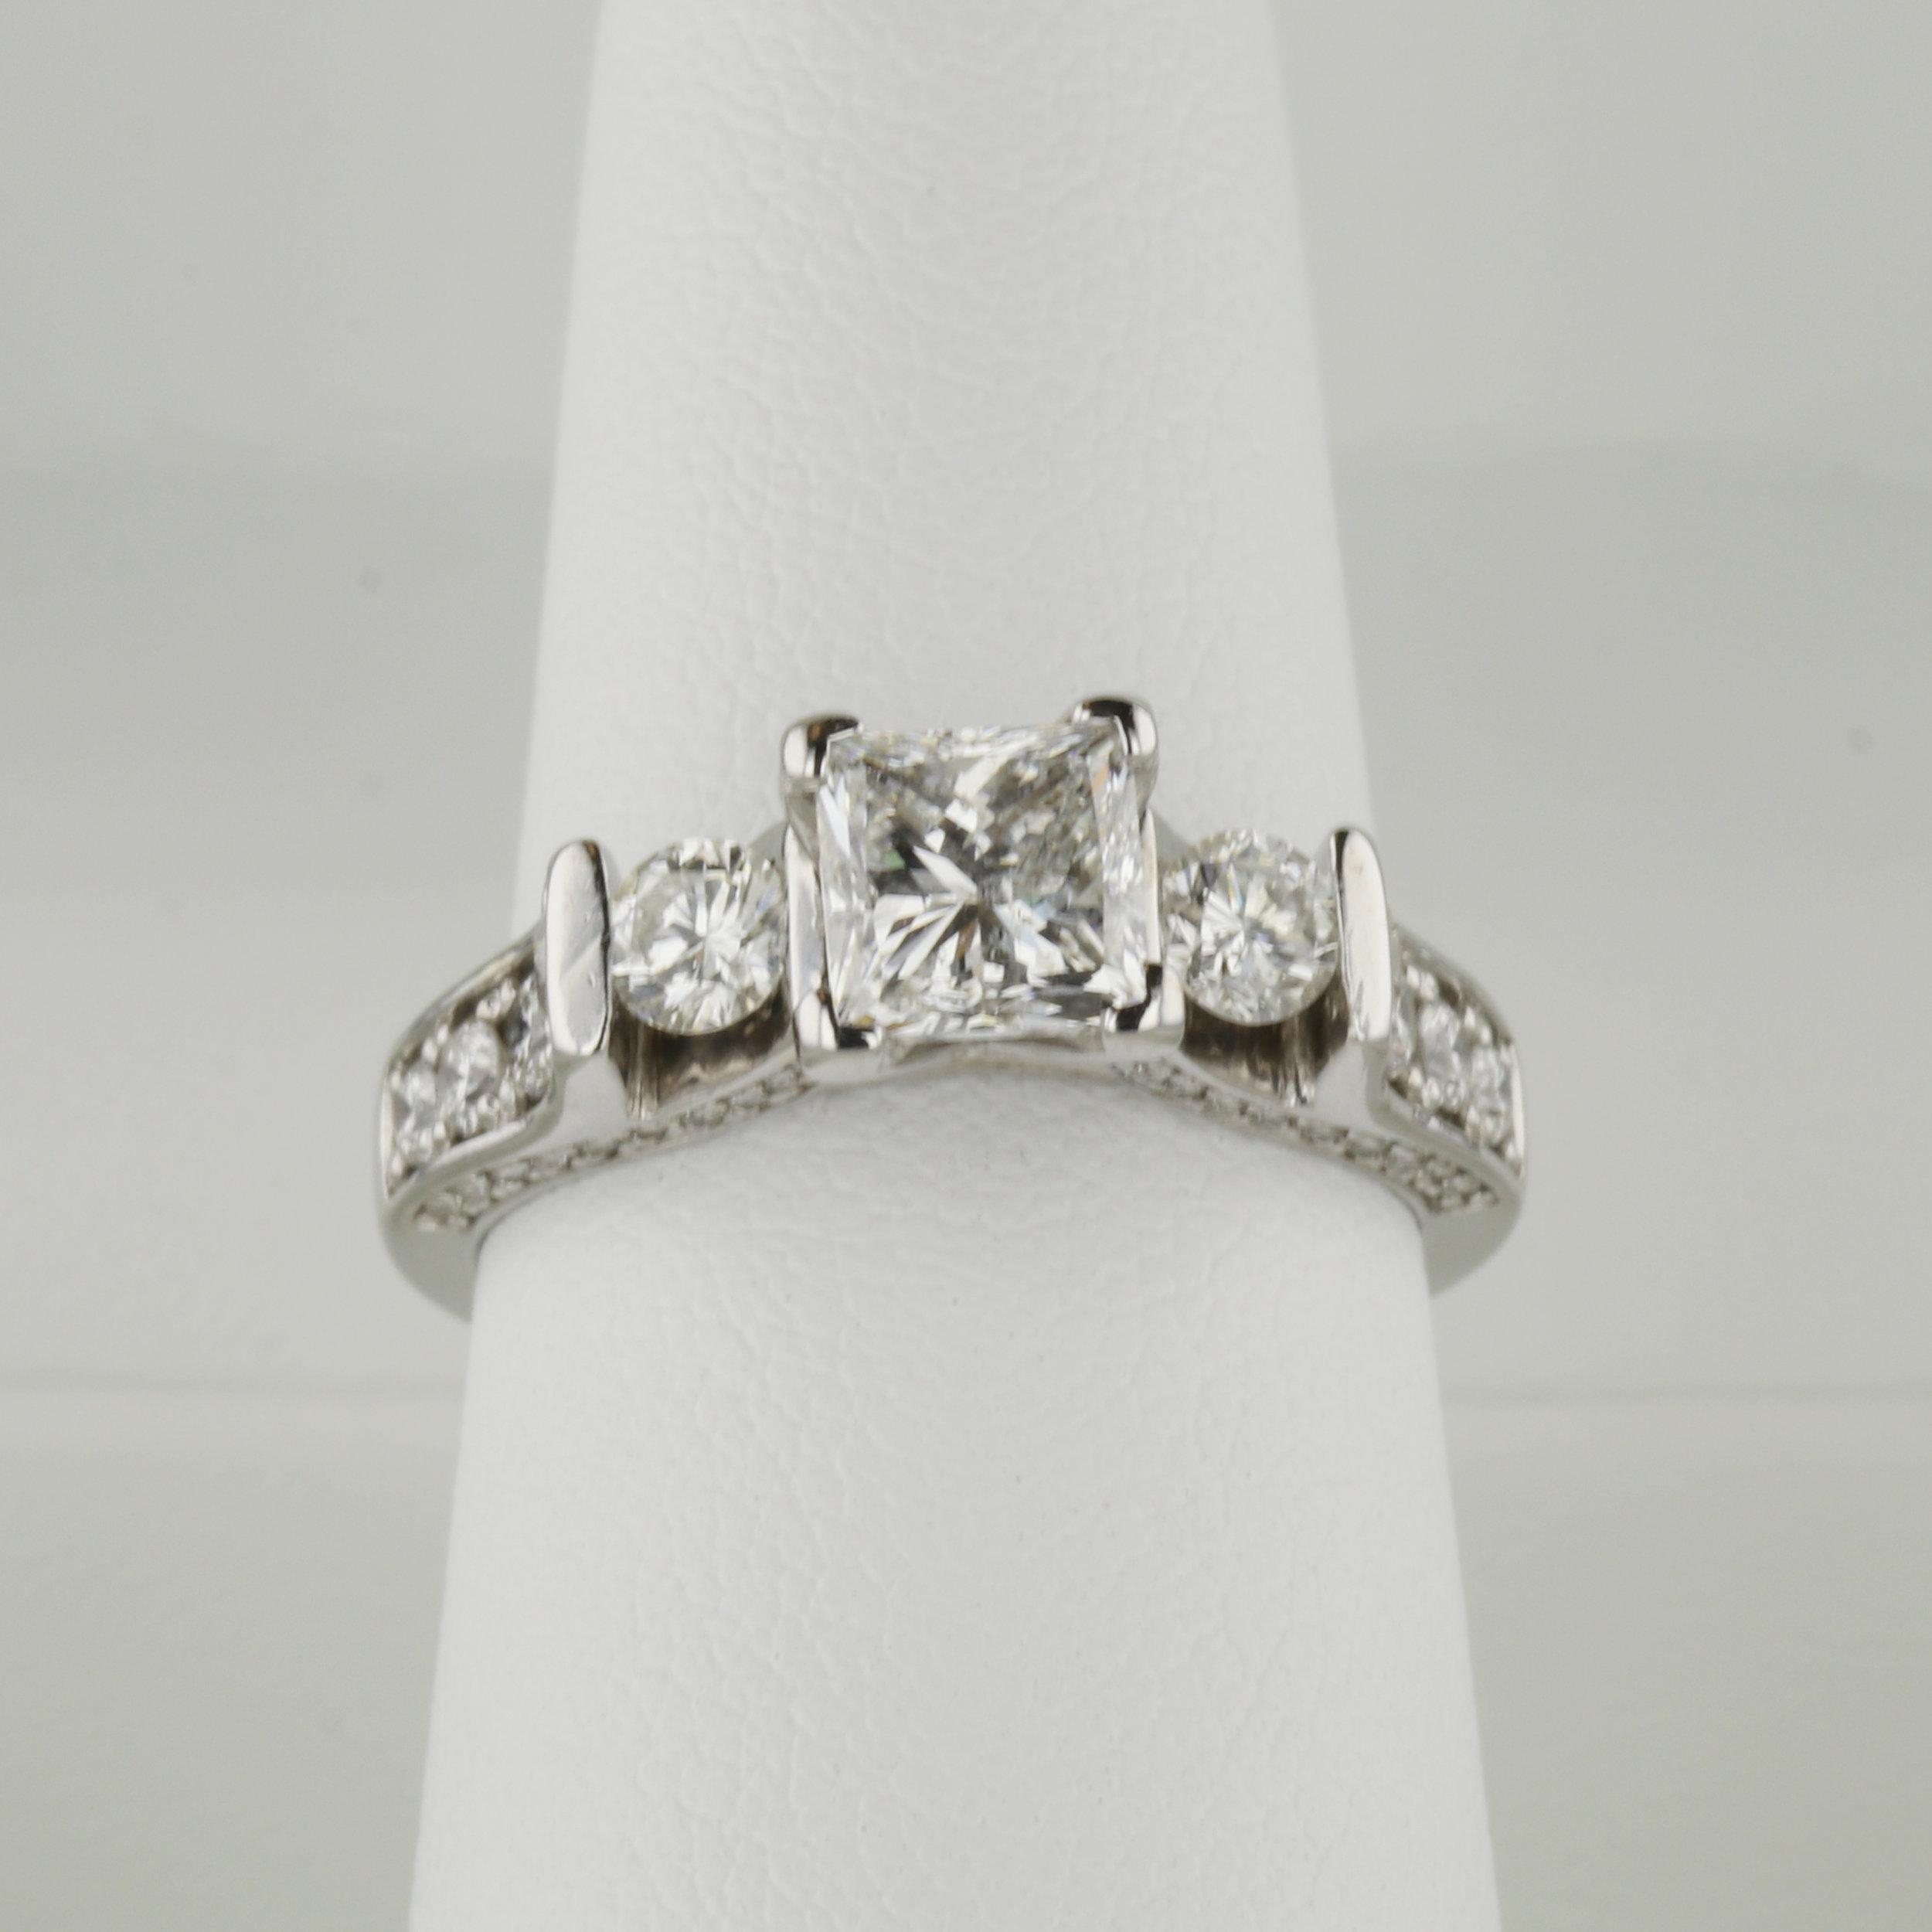 Engagement Ring After Restoration